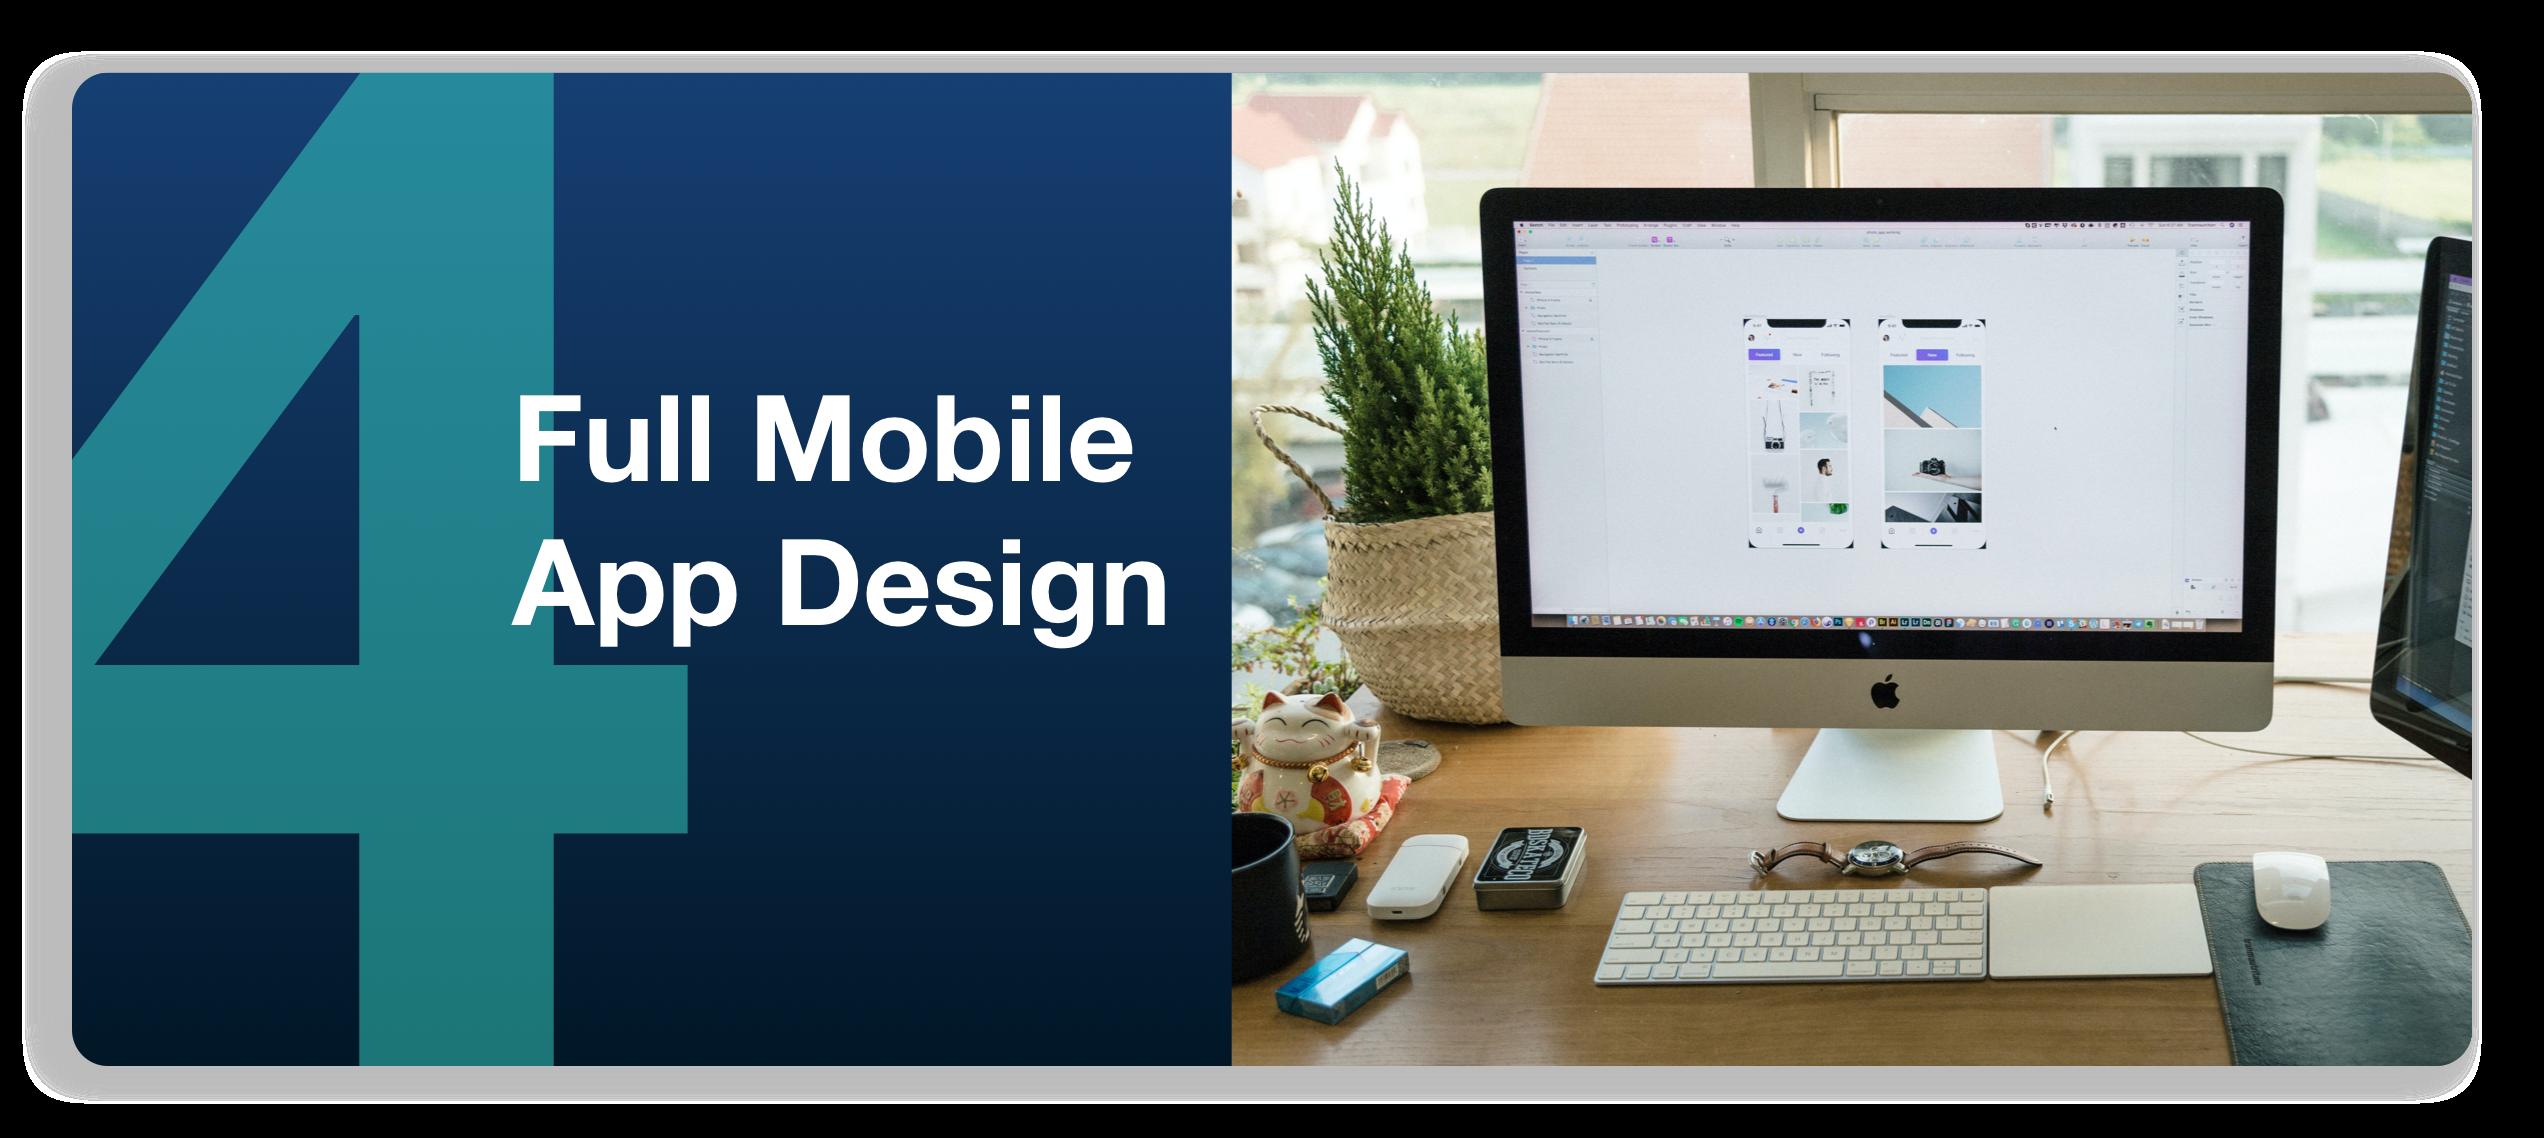 how-to-make-an-app-step-4-full-mobile-app-design